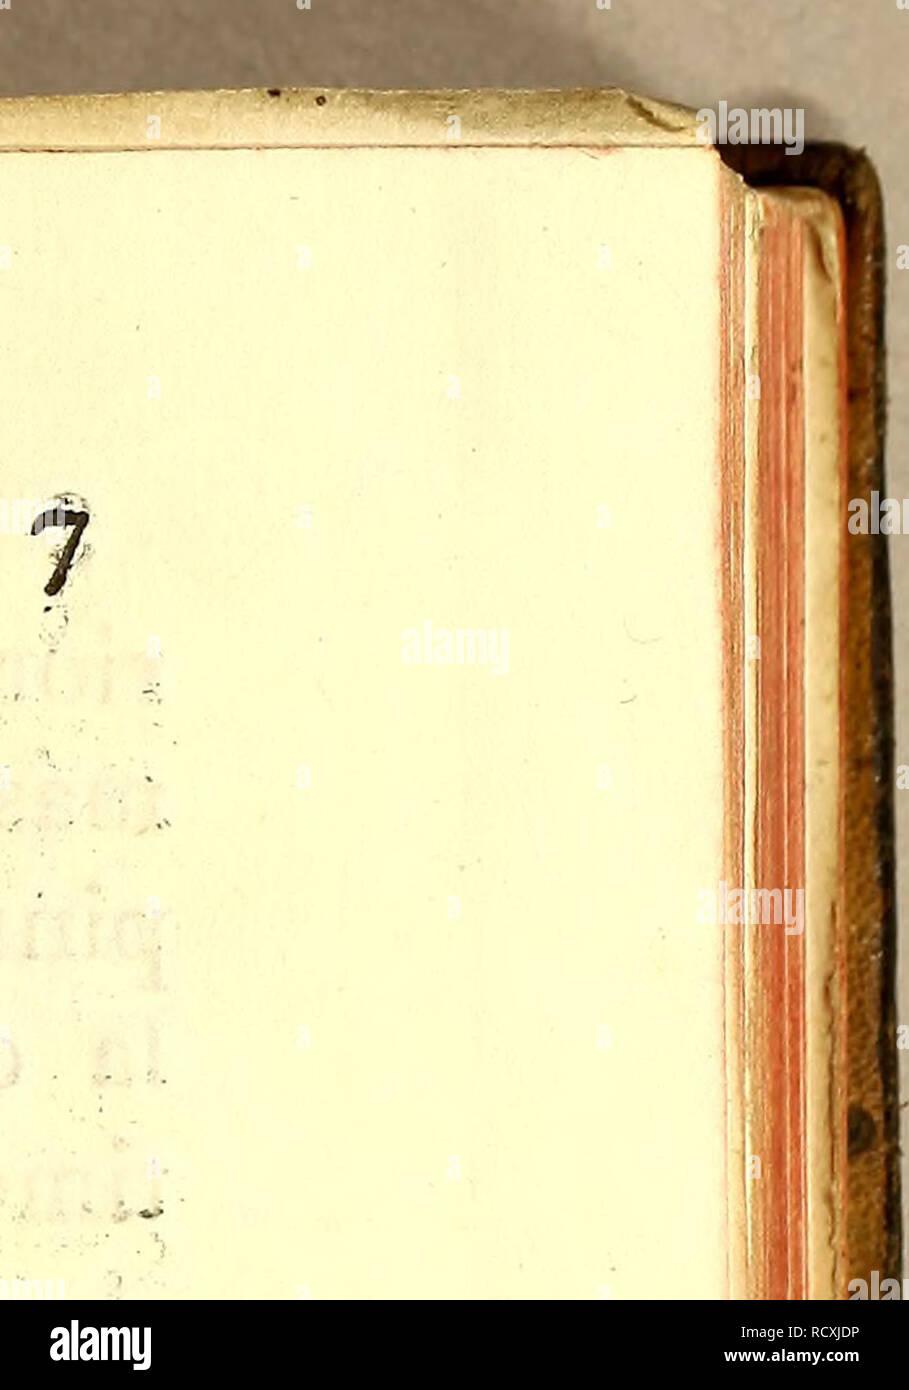 . Descripcion de diferentes piezas de historia natural las mas del ramo maritimo : representadas en setenta y cinco láminas. Animales marinos; historia natural. Lámina V. Figura i. GUATÍVERE. ¿JU tamaño es de anu tercia , su cabeza es puntiaguda , la mandíbula superior es mas corta que la inferior 5 tiene dos di- entes grandes uno de cada lado , y los demás en gran numero del tamaño de pun- tas de alfileres muy agudos : es la mandí- bula superior tiene sus labios tras de los que se hallan dos endiduras que penetran á la boca i luego siguen los ojos poco distantes uno de otro , colocados en la p Foto de stock